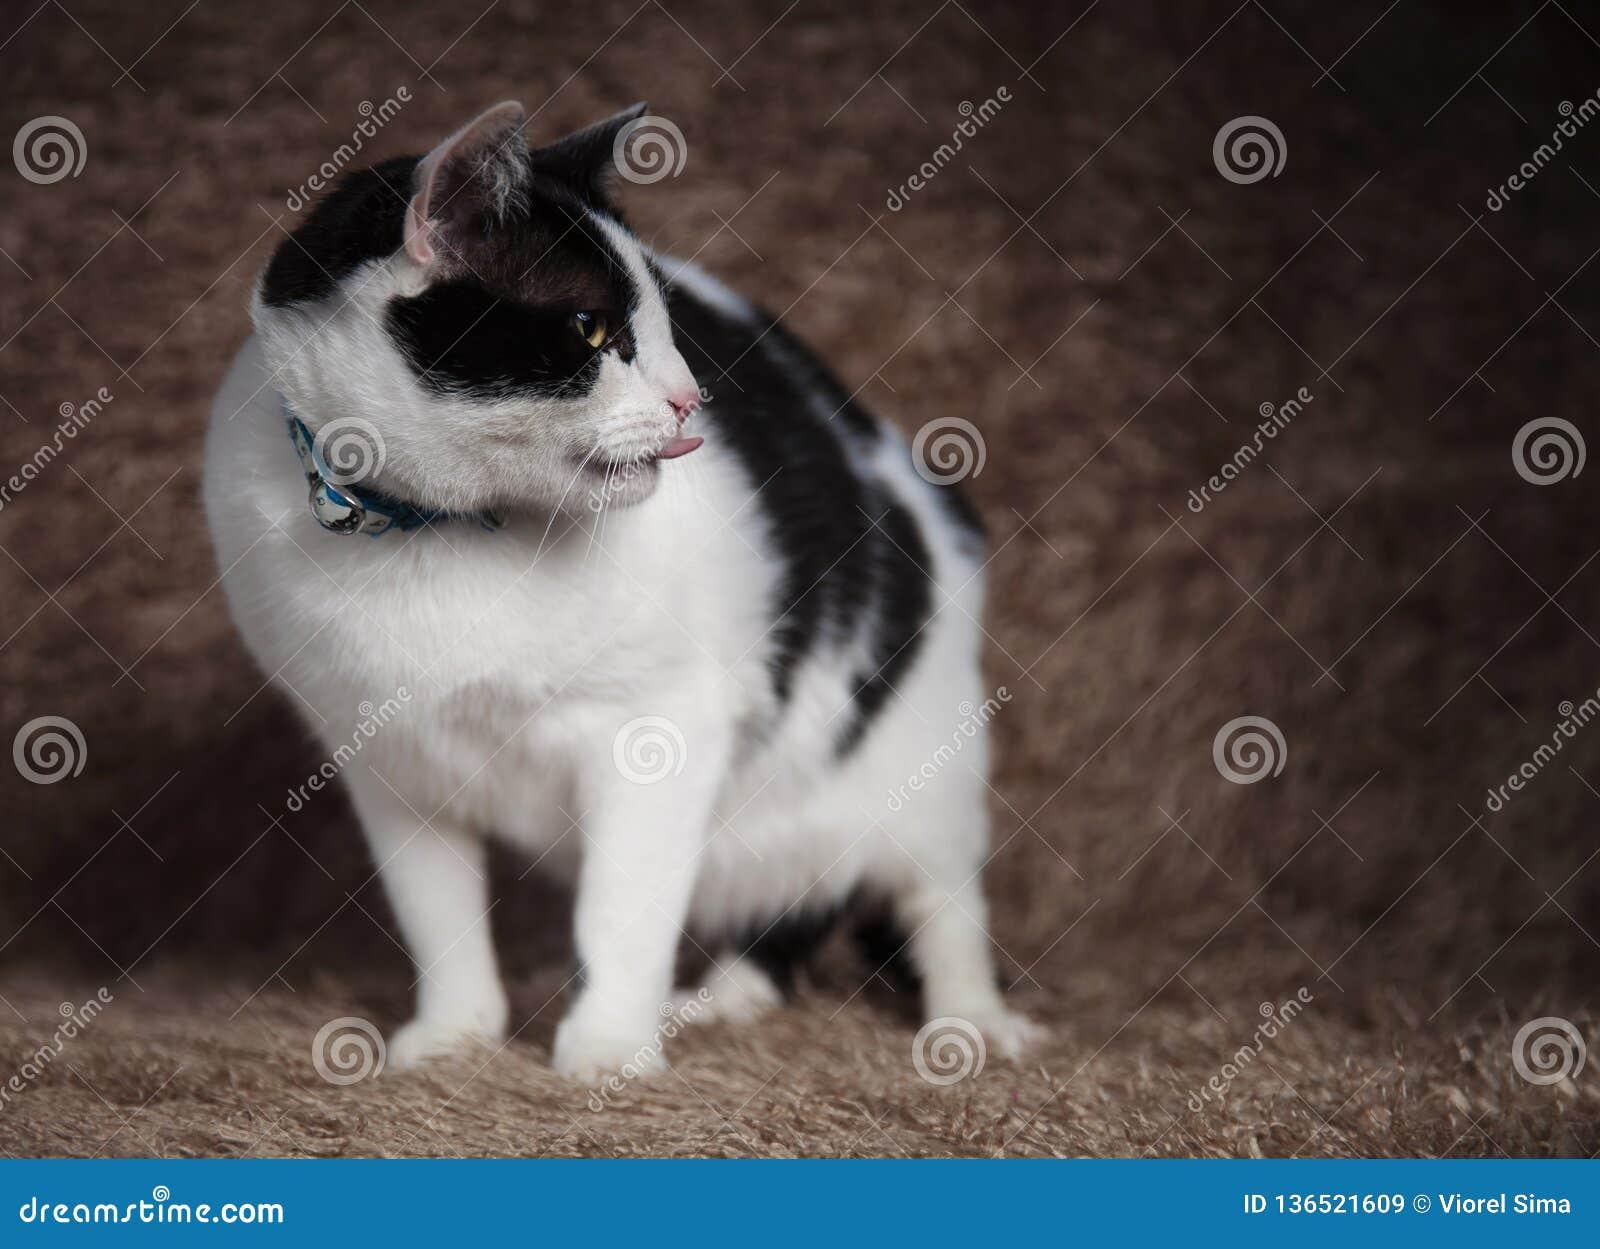 Entzückende Katze, die Blicke des blauen Kragens trägt, um beim Keuchen mit Seiten zu versehen